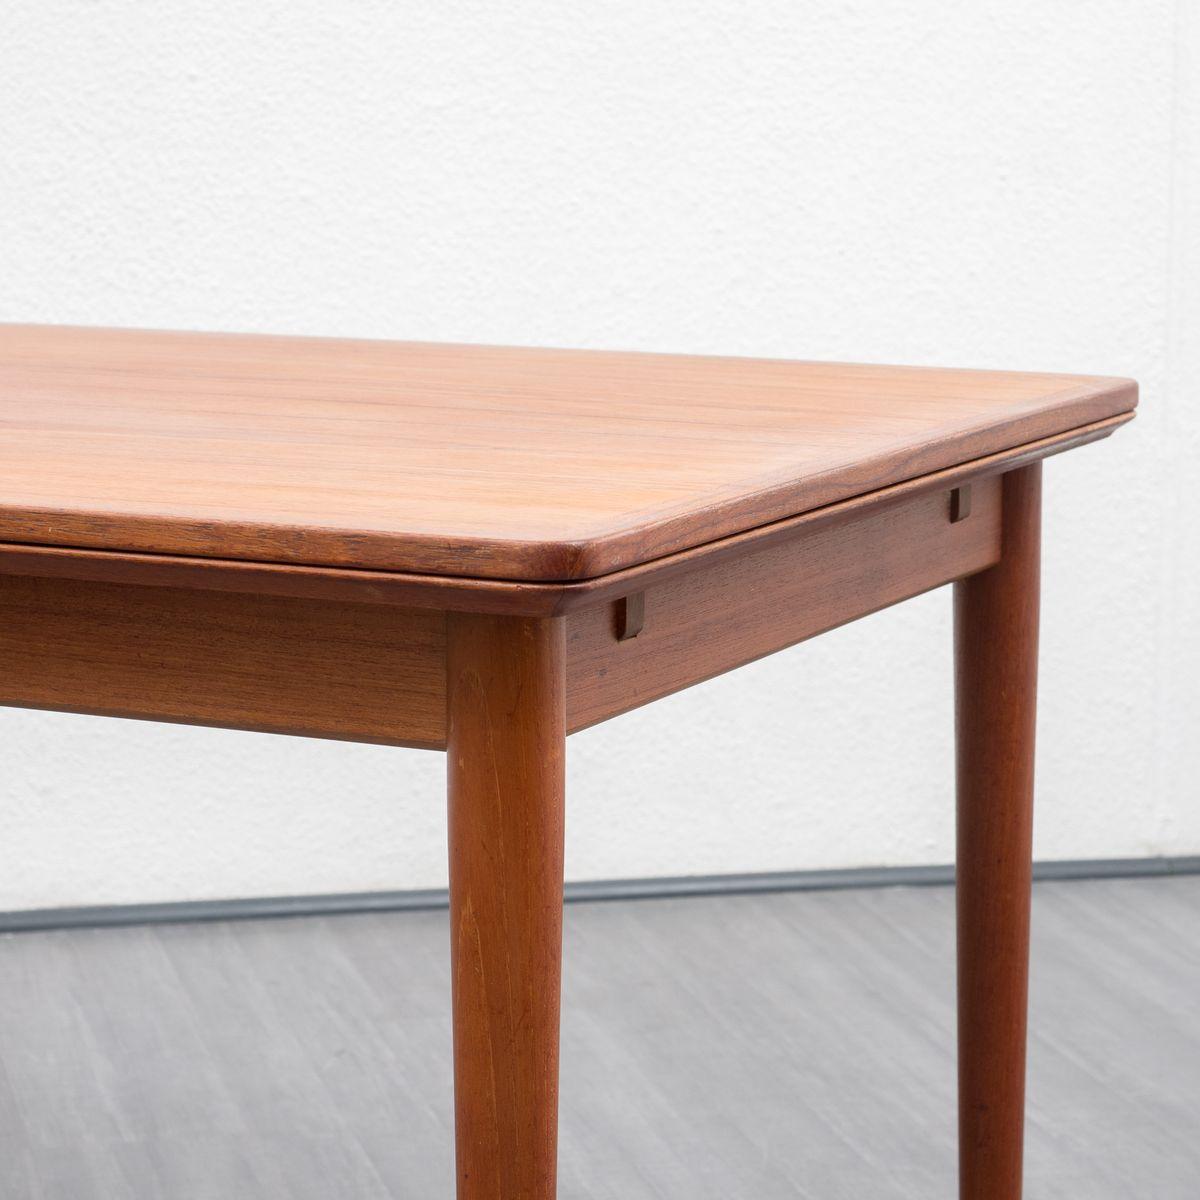 d nischer esstisch aus teak furnier von arne vodder f r. Black Bedroom Furniture Sets. Home Design Ideas